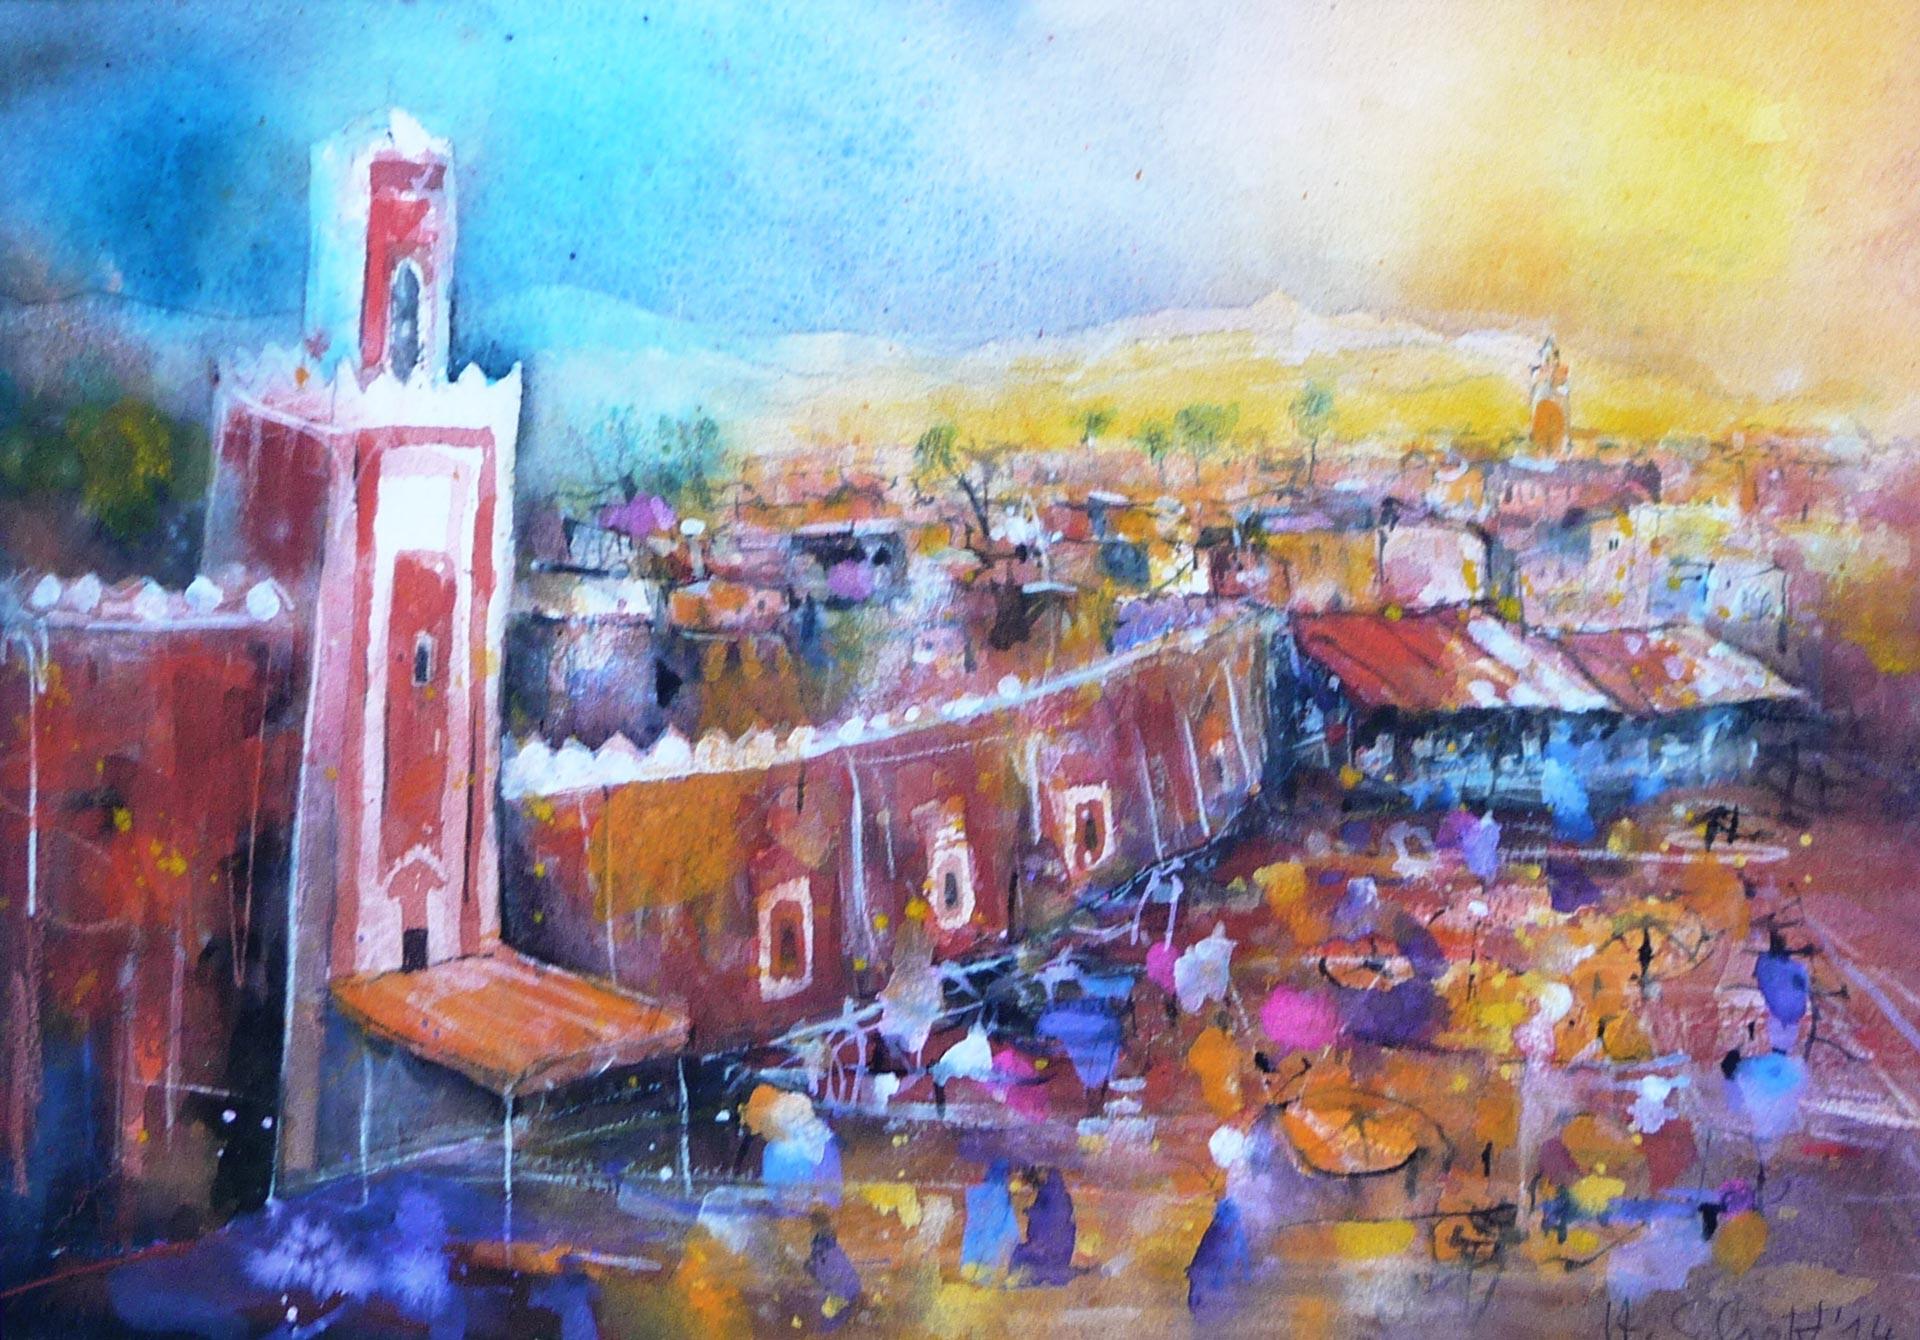 496.-Jema-el-Fnaa | Aquarell | 70 x 50 cm